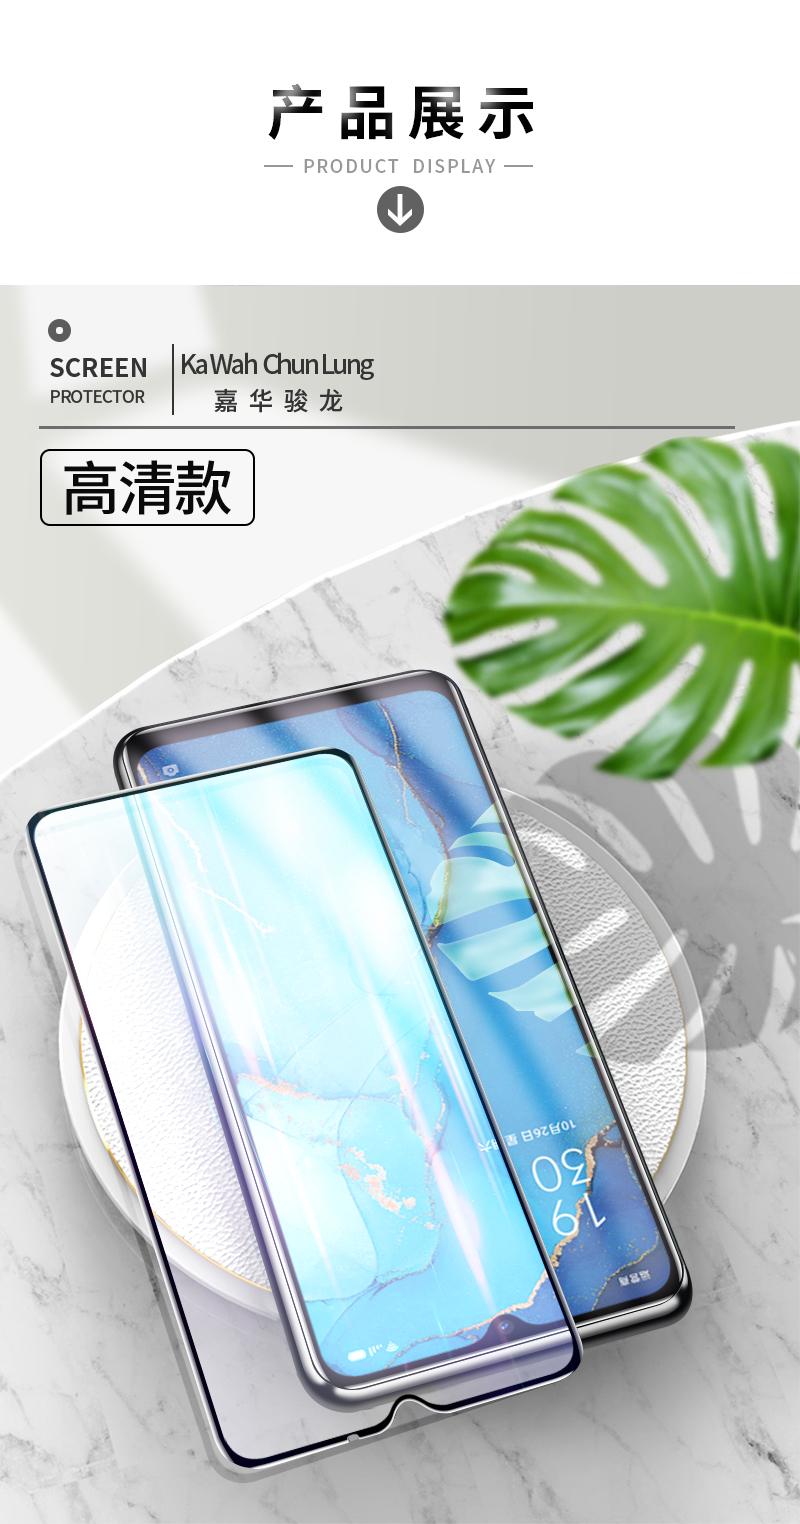 钢化膜全屏元气版原装十倍变焦版蓝光手机保护膜防摔详细照片